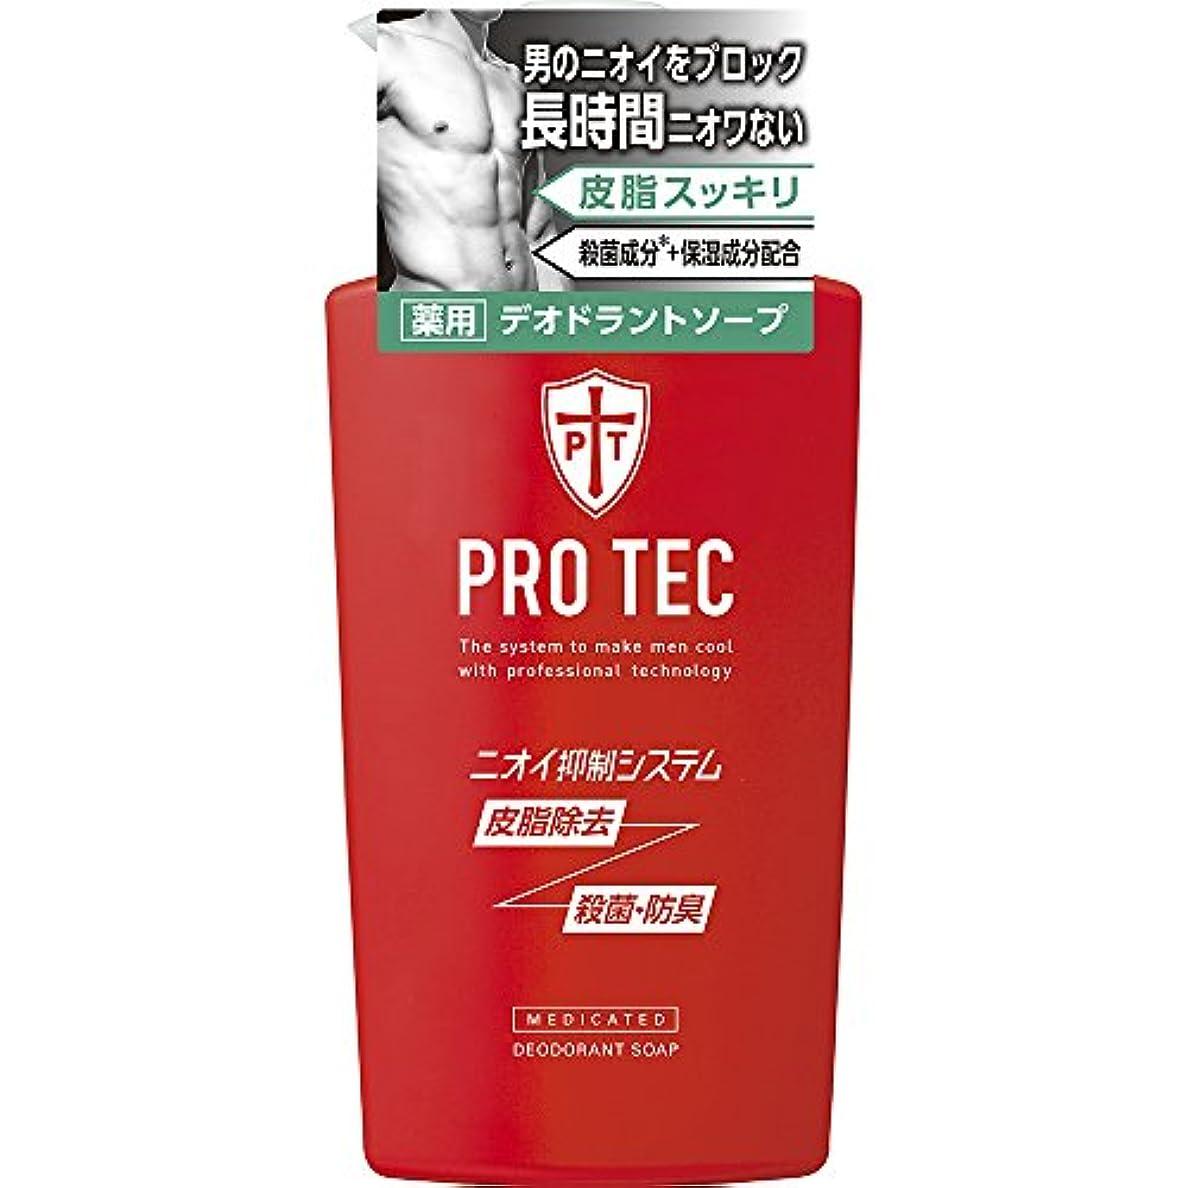 比較飢饉所得PRO TEC(プロテク) デオドラントソープ 本体ポンプ 420ml